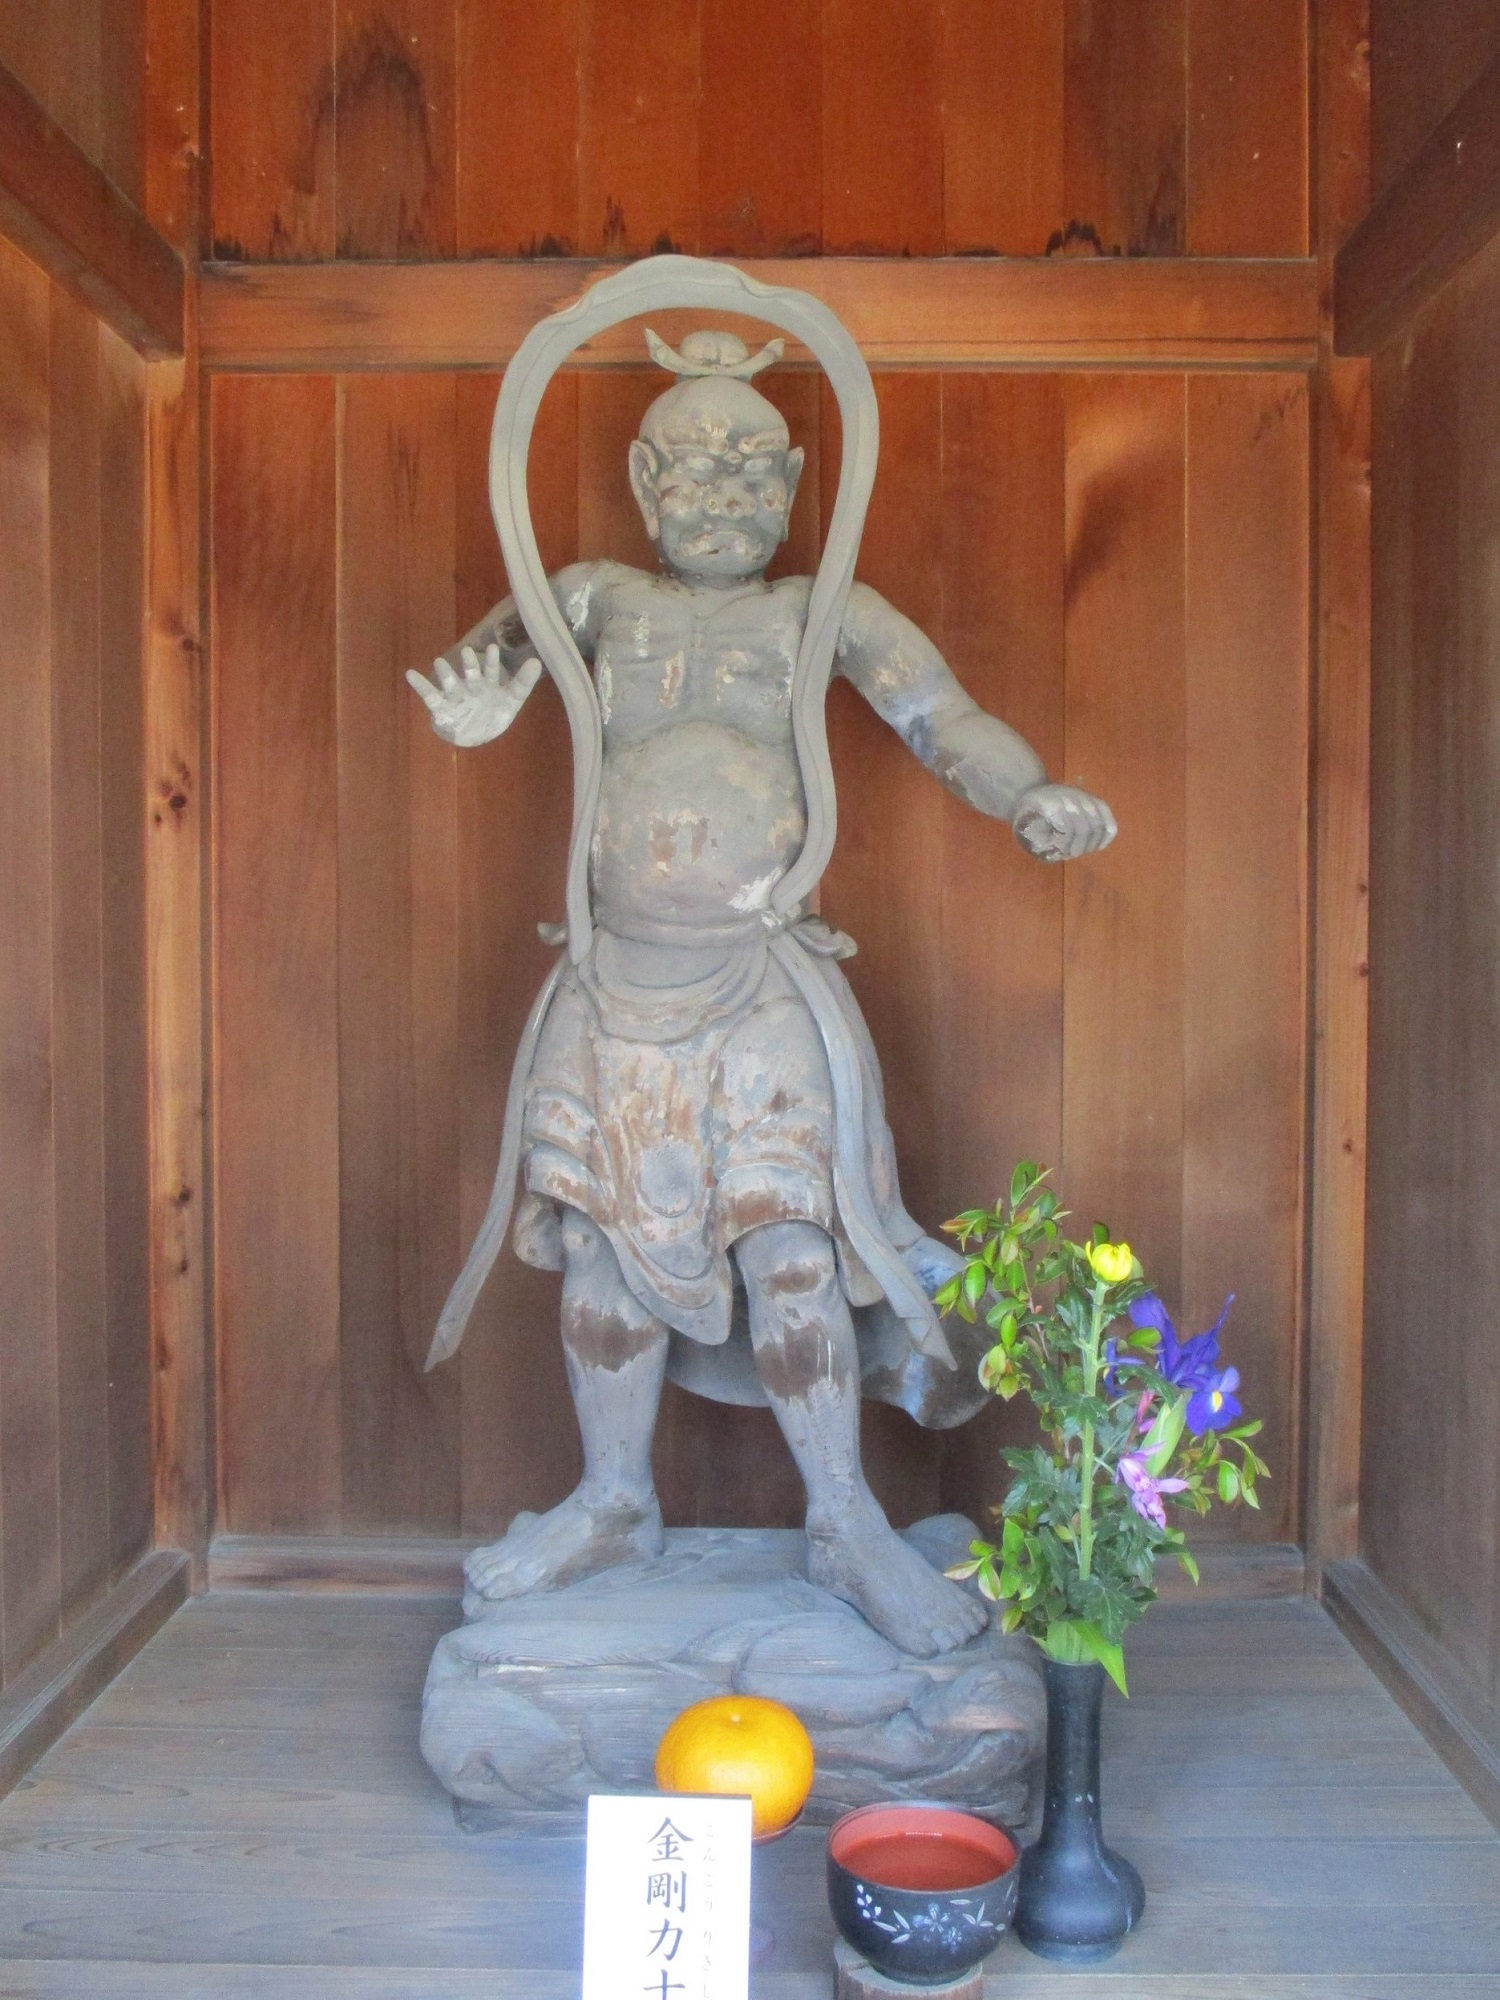 2020.4.28 (5) 法性寺 - 山門(金剛力士像) 1500-2000